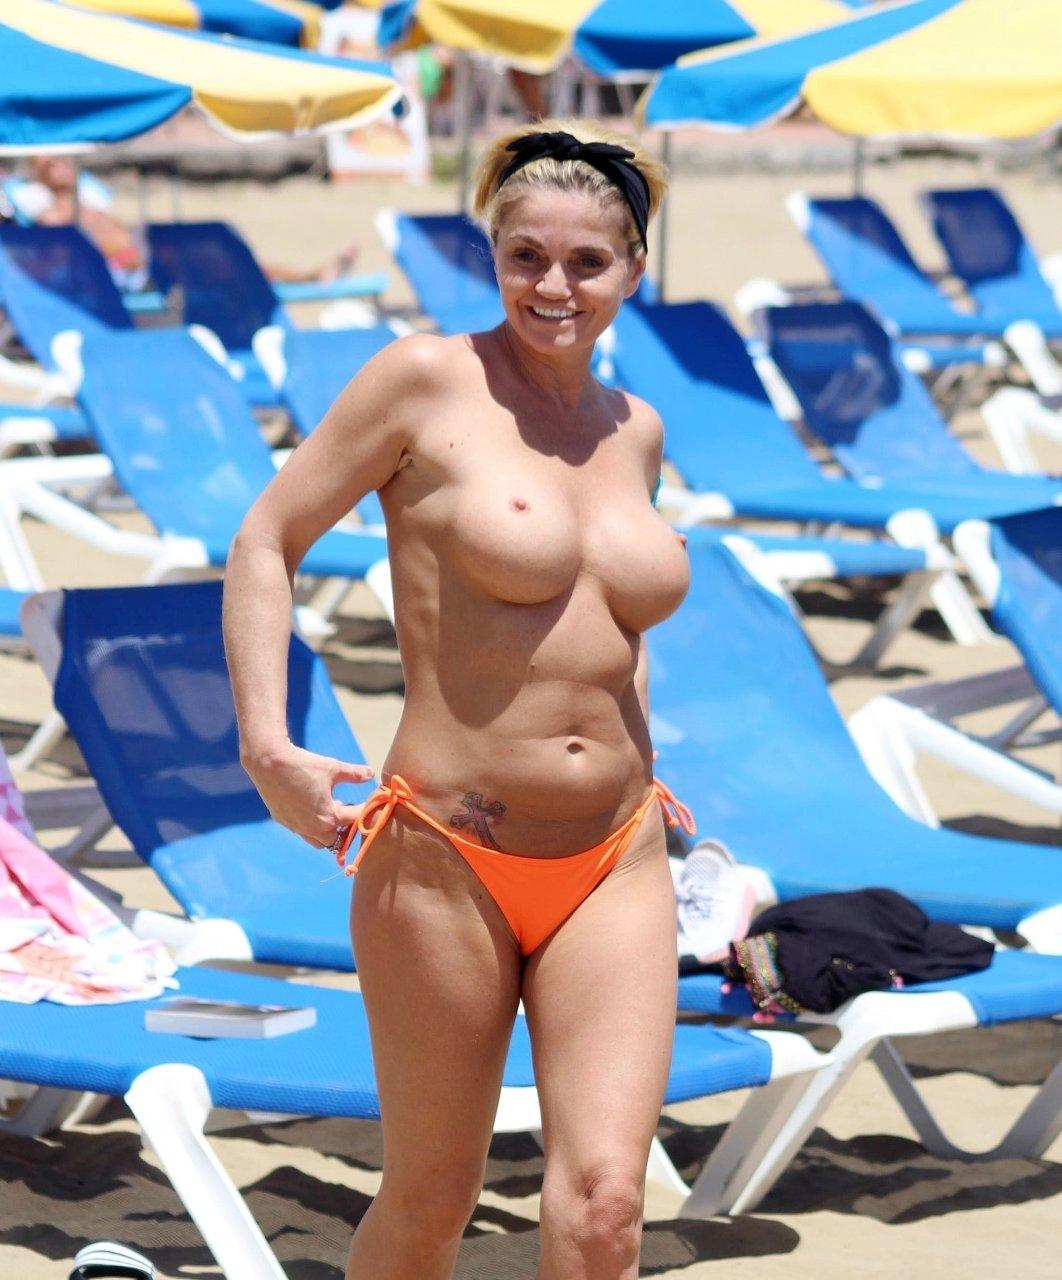 naked (74 photos), Leaked Celebrites image